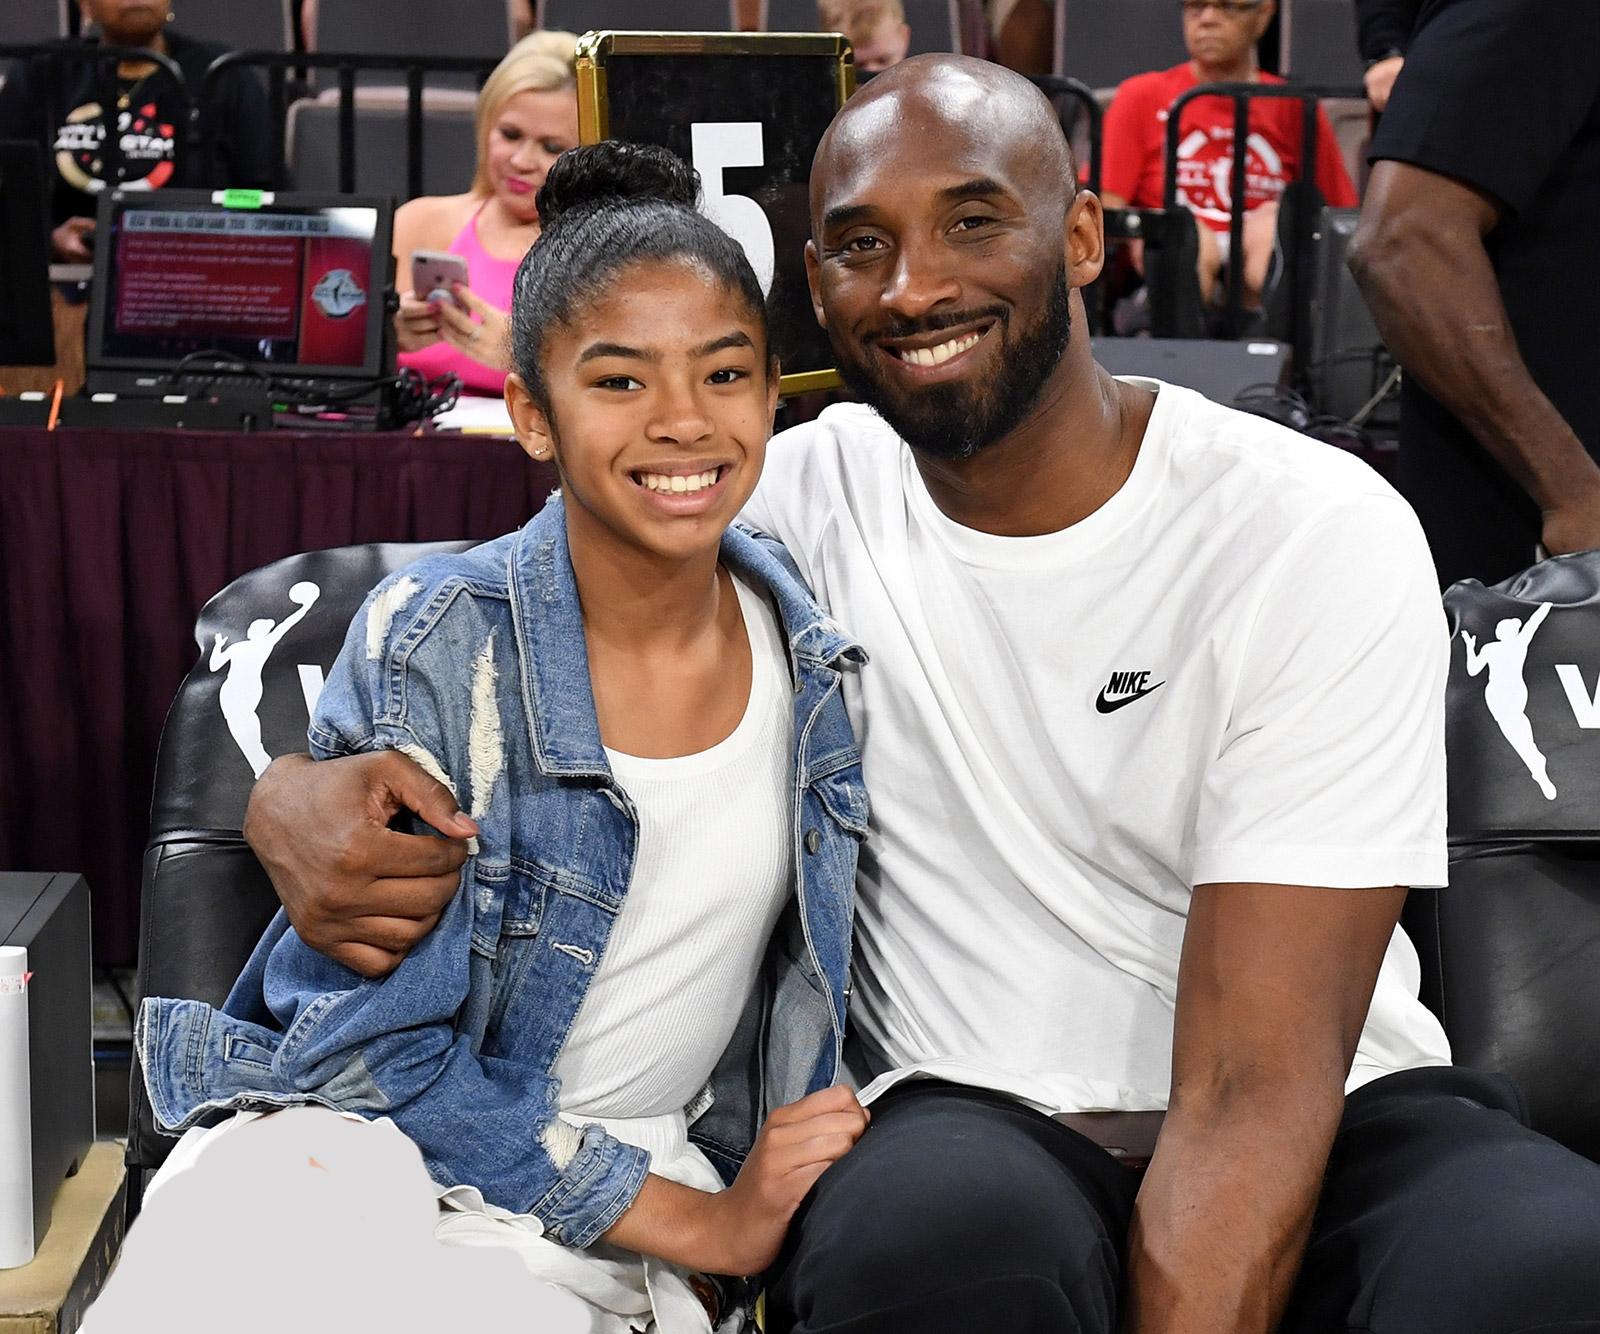 دیشب خبر رسید که هلیکوپتر متعلق به کوبی برایانت (Kobe Bryant)، اسطوره بسکتبال انبیای، سقوط کرده و همه سرنشینان از جمله دختر سیزده ساله وی کشته شدهاند.